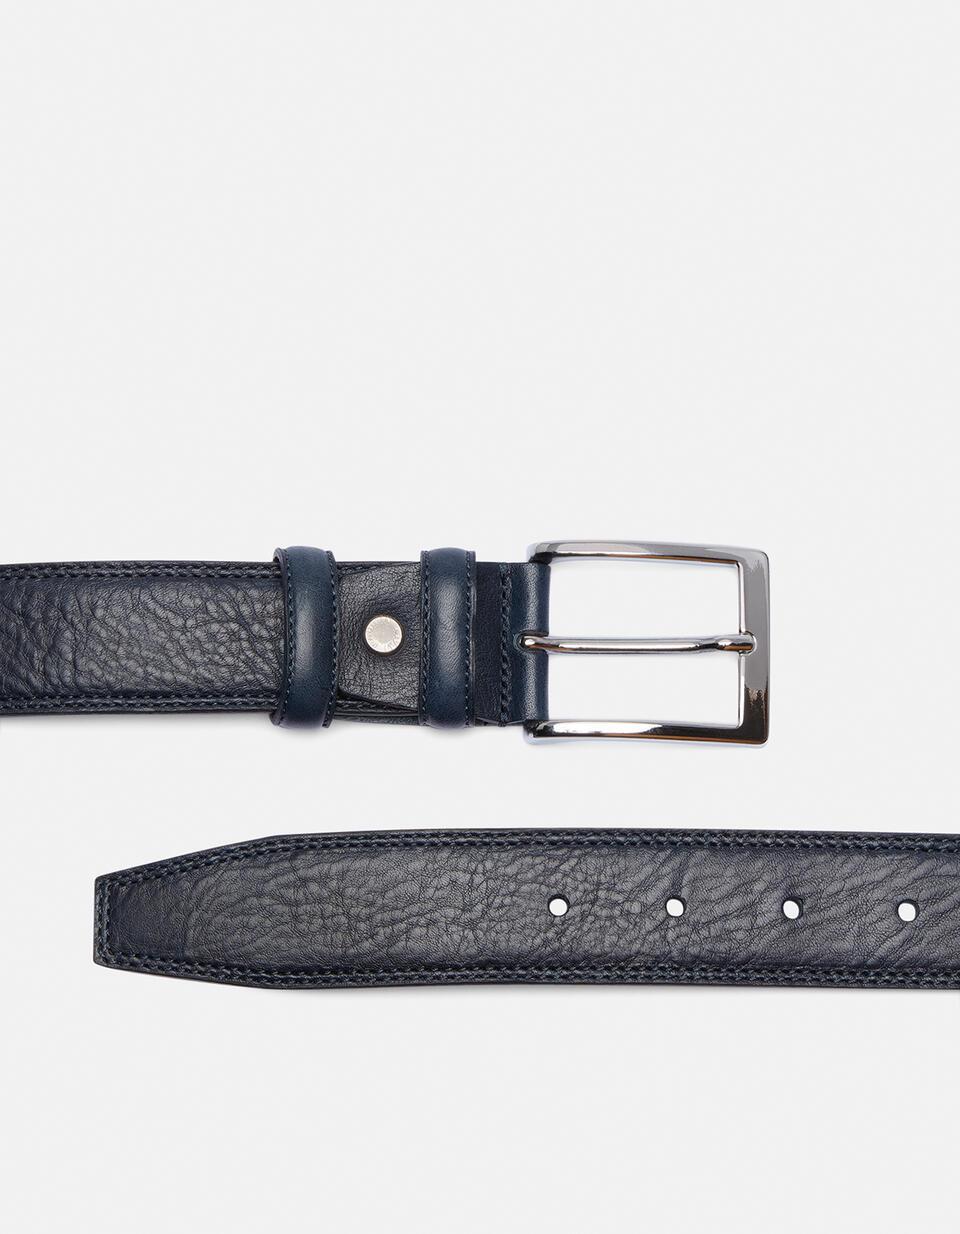 Elegant Leather Belt BLU Cuoieria Fiorentina